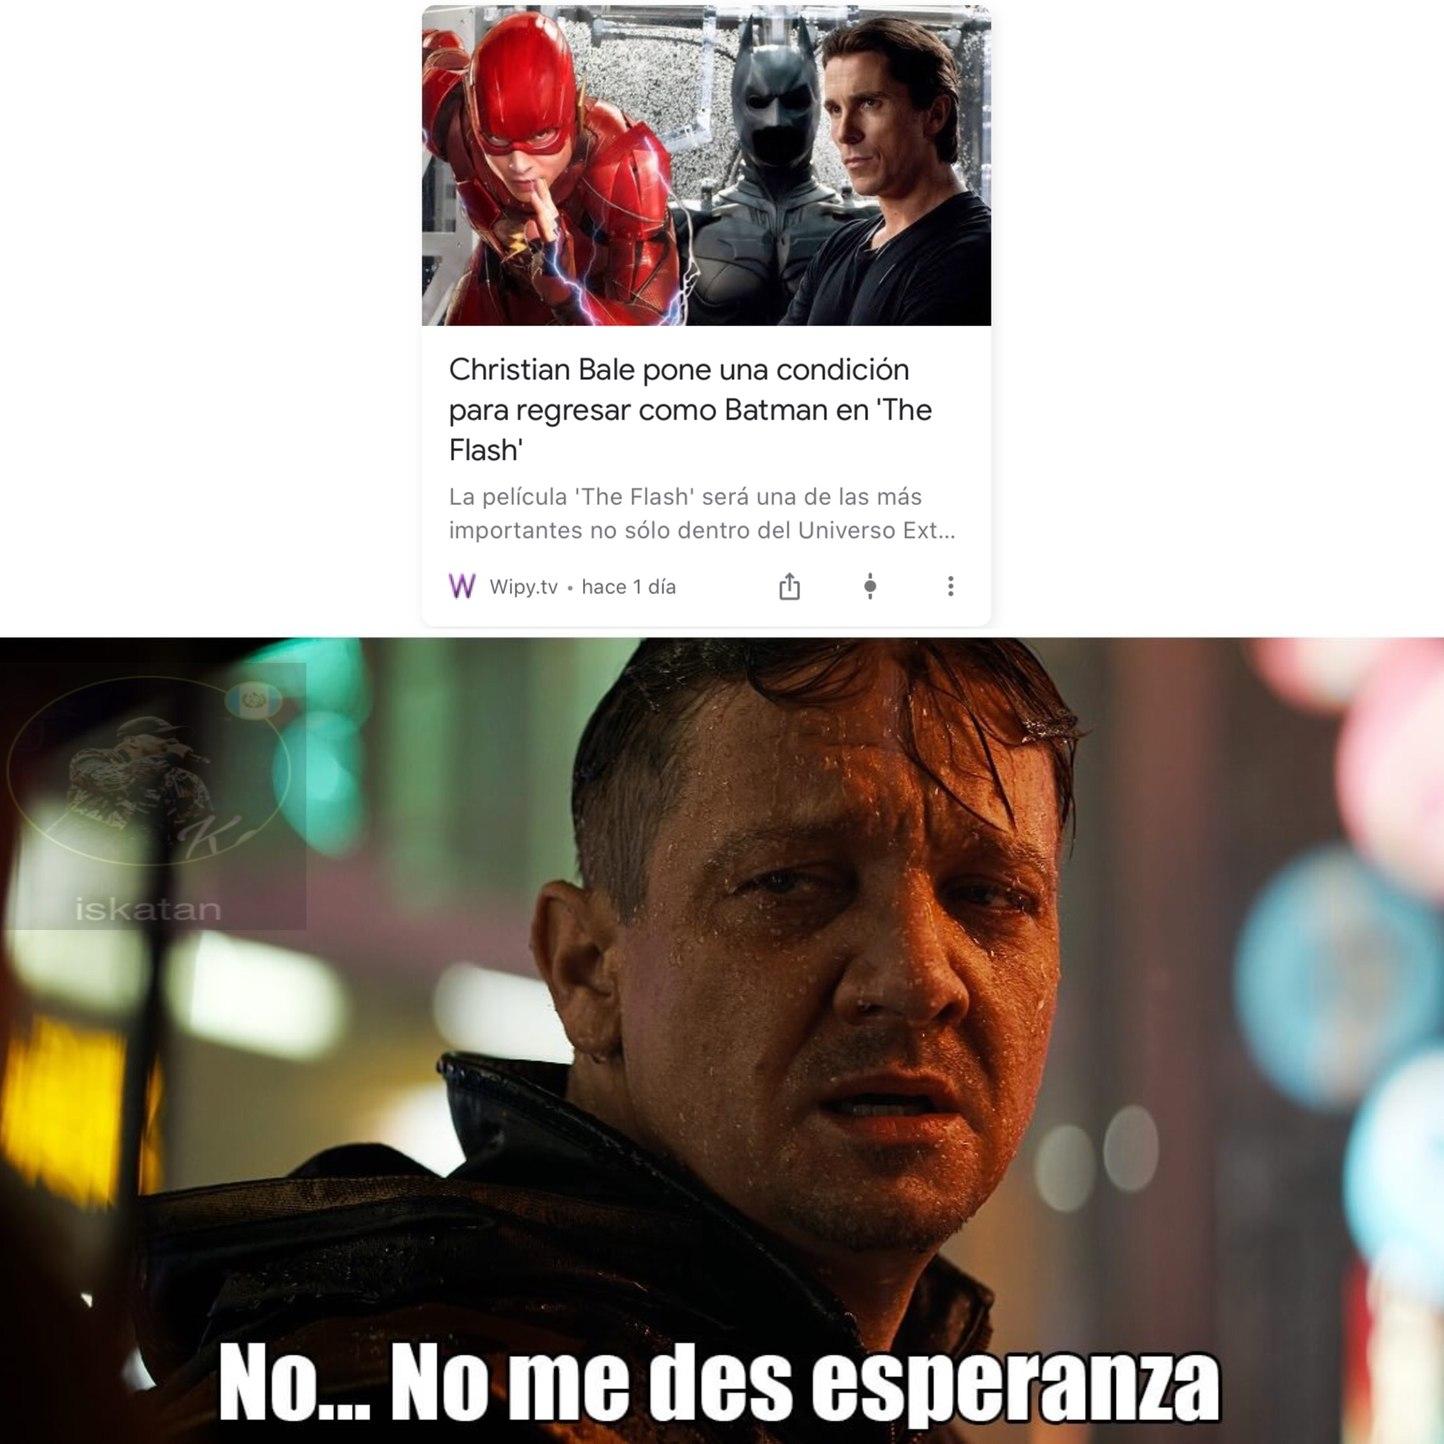 lo mismo nos hicieron con el Spiderman de tobey maguiare:( - meme